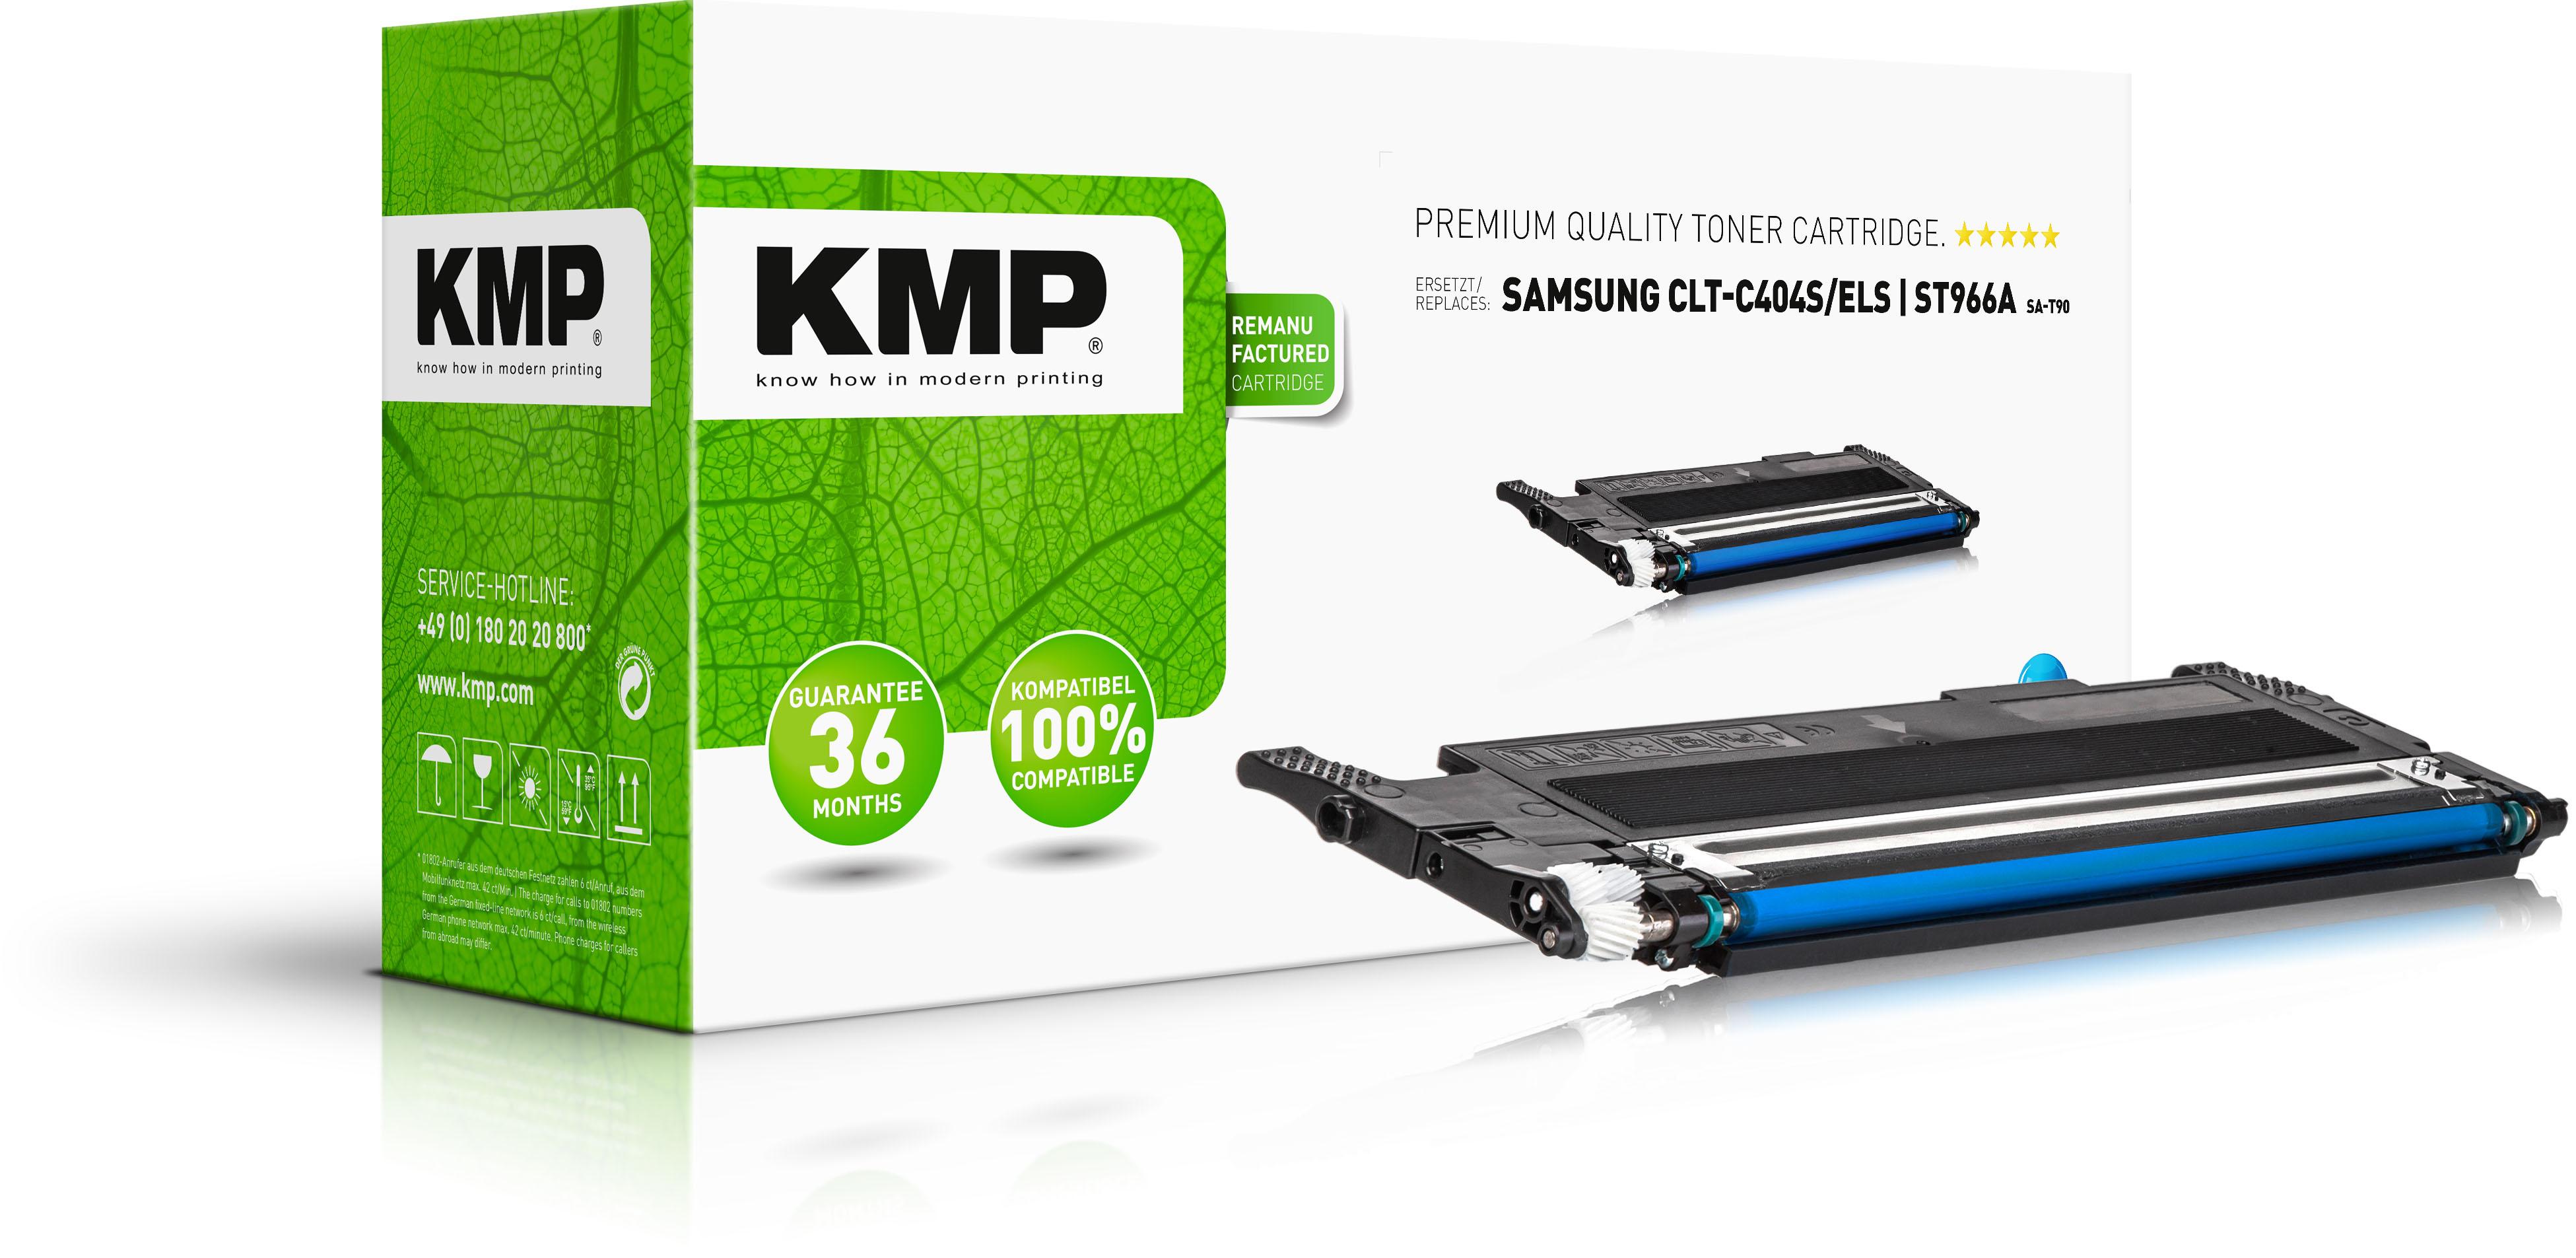 Tonerkartusche ersetzt Samsung C404C (CLTC404SELS, ST966A)